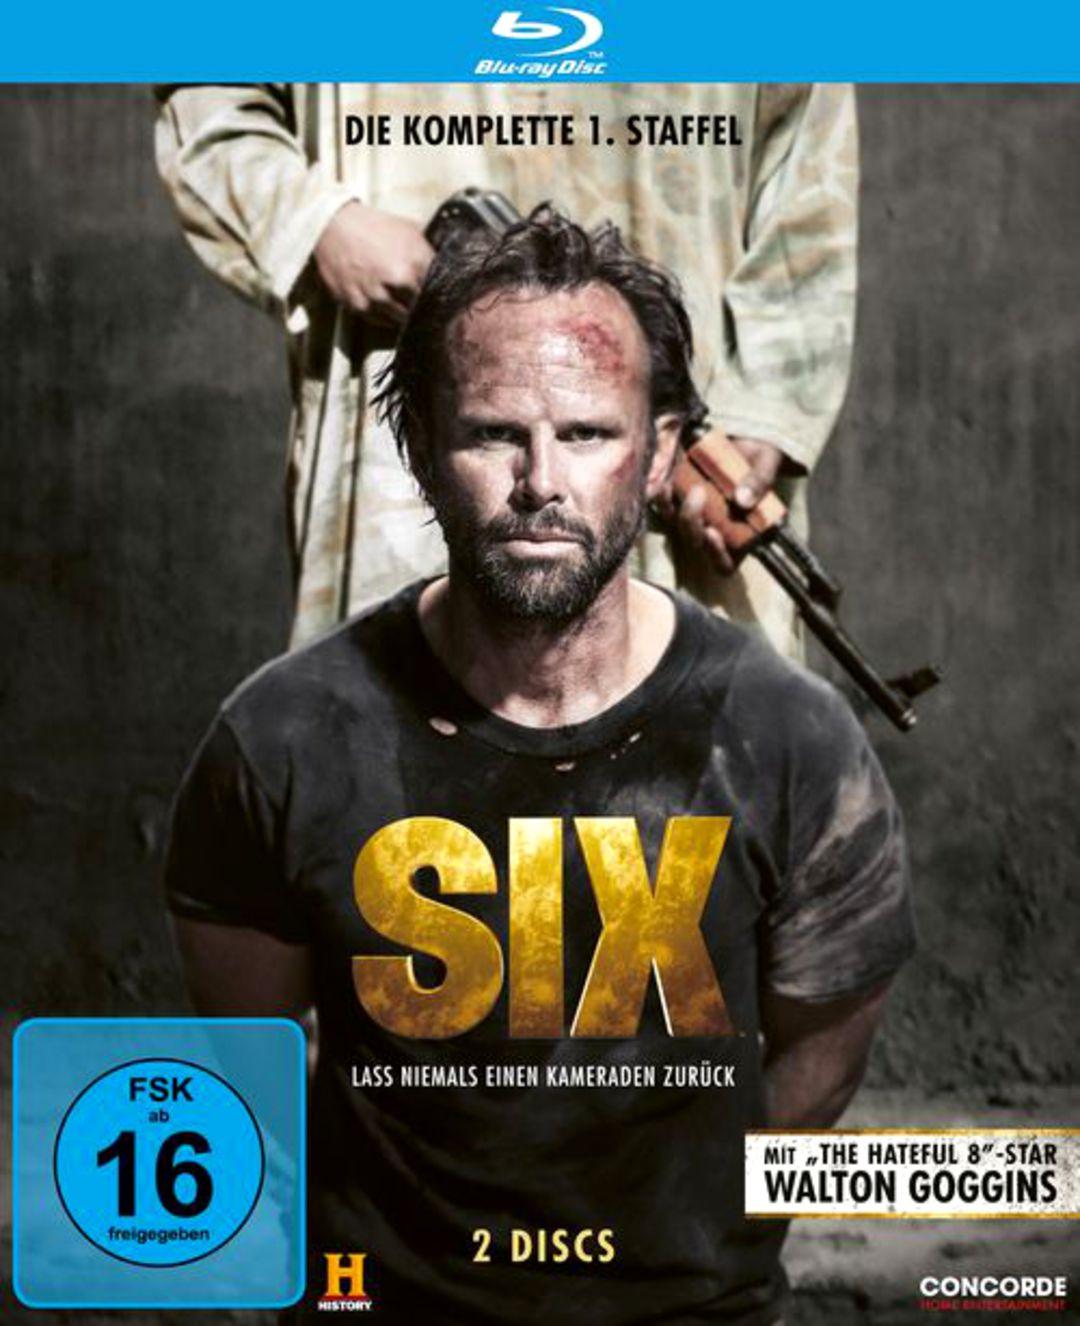 Six Trailer - Bild 1 von 25